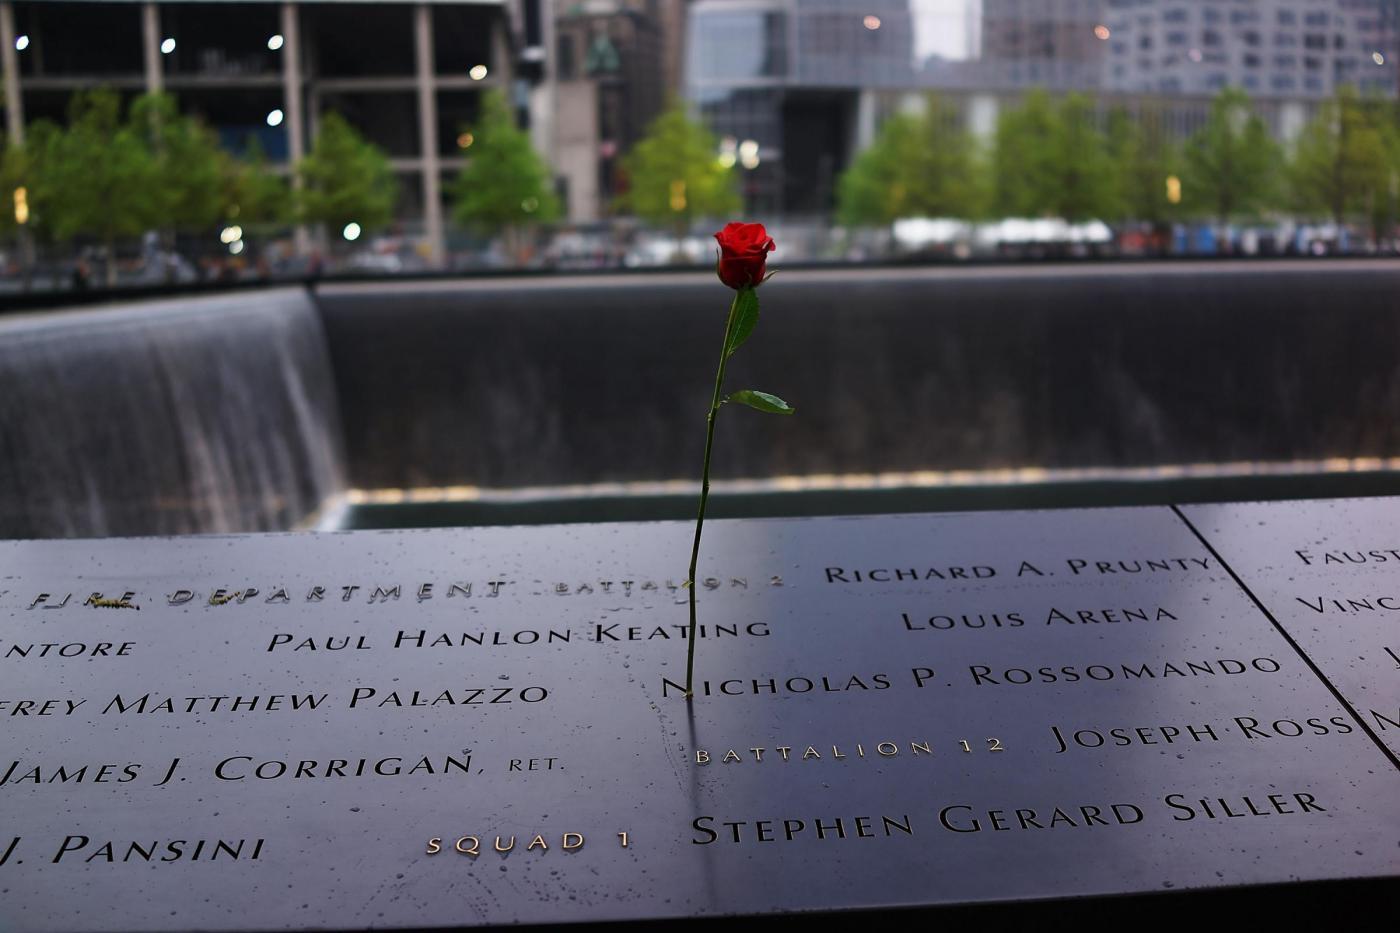 Museo 11 settembre: a New York inaugurato il memoriale della strage delle Torri Gemelle